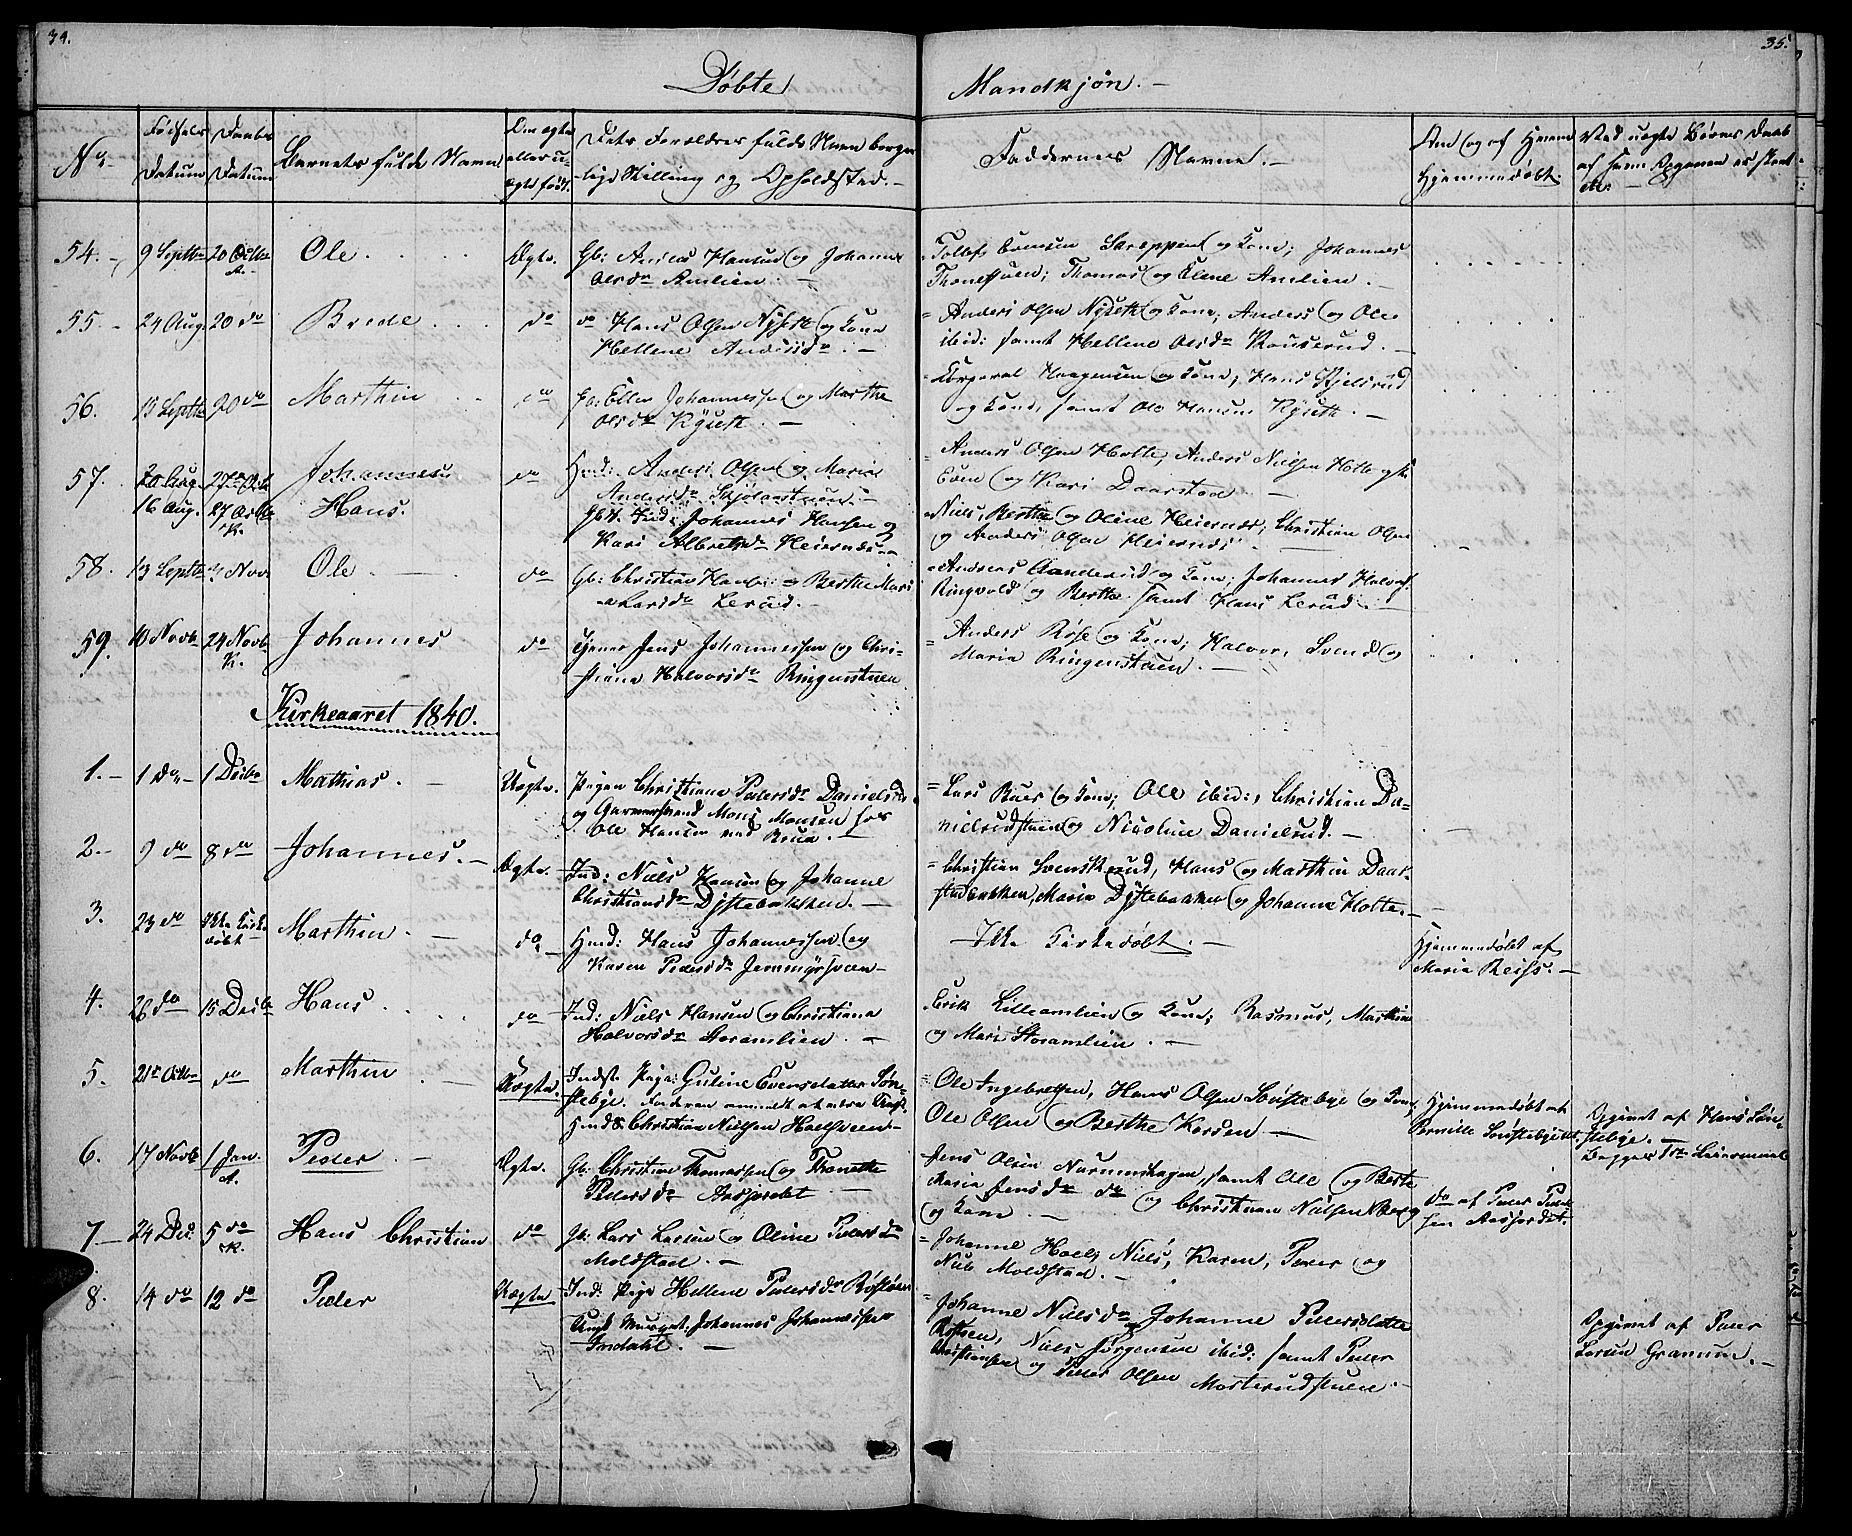 SAH, Vestre Toten prestekontor, H/Ha/Hab/L0002: Klokkerbok nr. 2, 1836-1848, s. 34-35